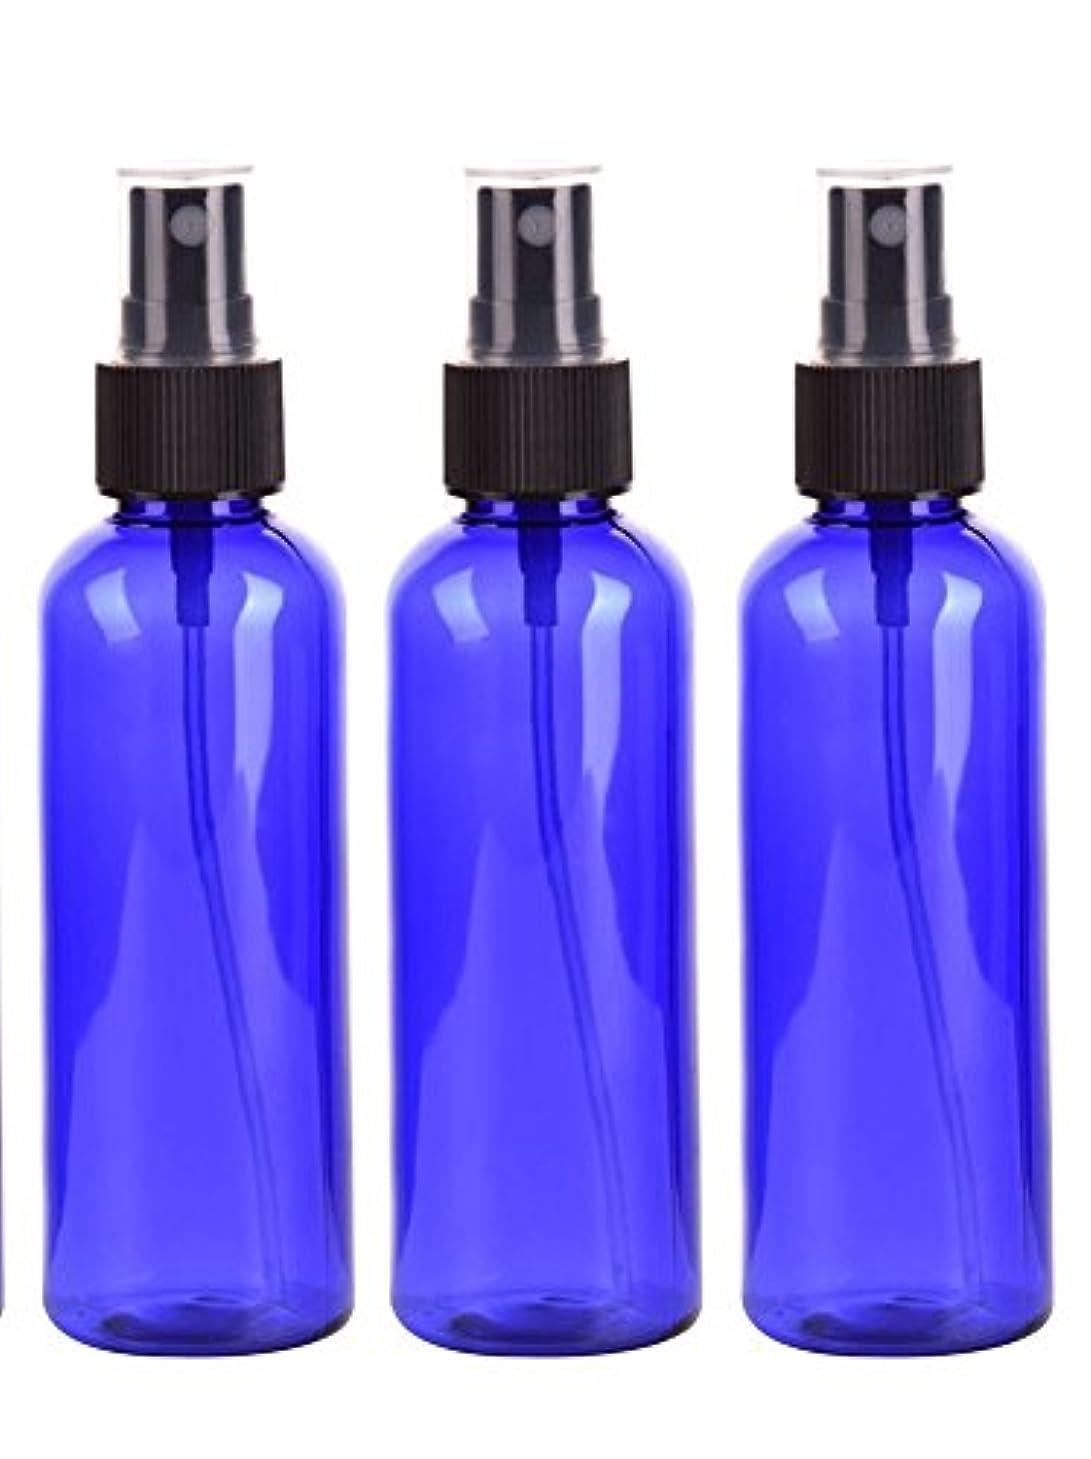 枯渇する推定するアルファベットスプレーボトル 50mL ブルー黒ヘッド プラスチック空容器 3本セット (青)